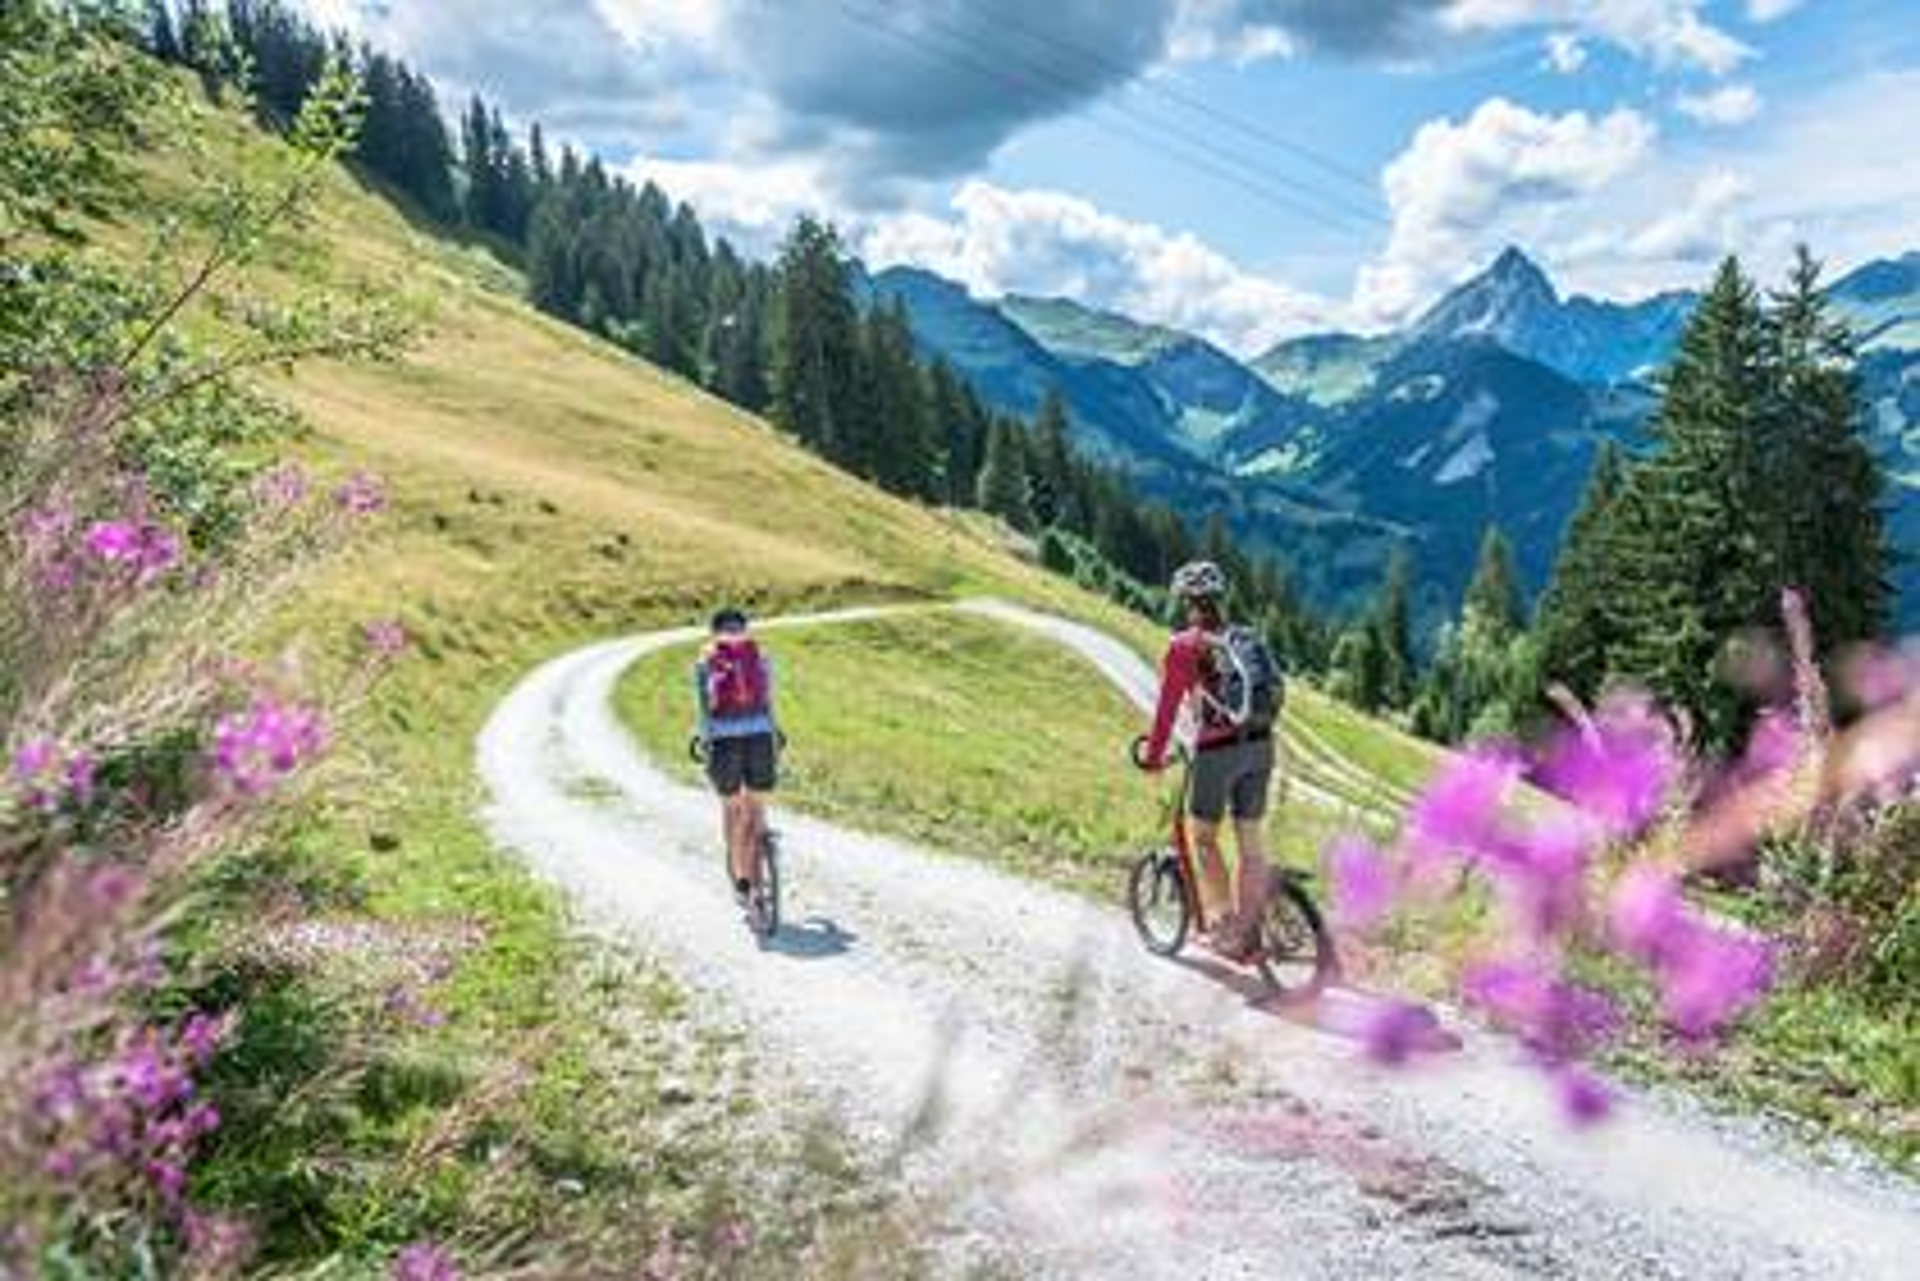 Zwei Frauen fahren mit dem Trottinett einen Weg hinab.